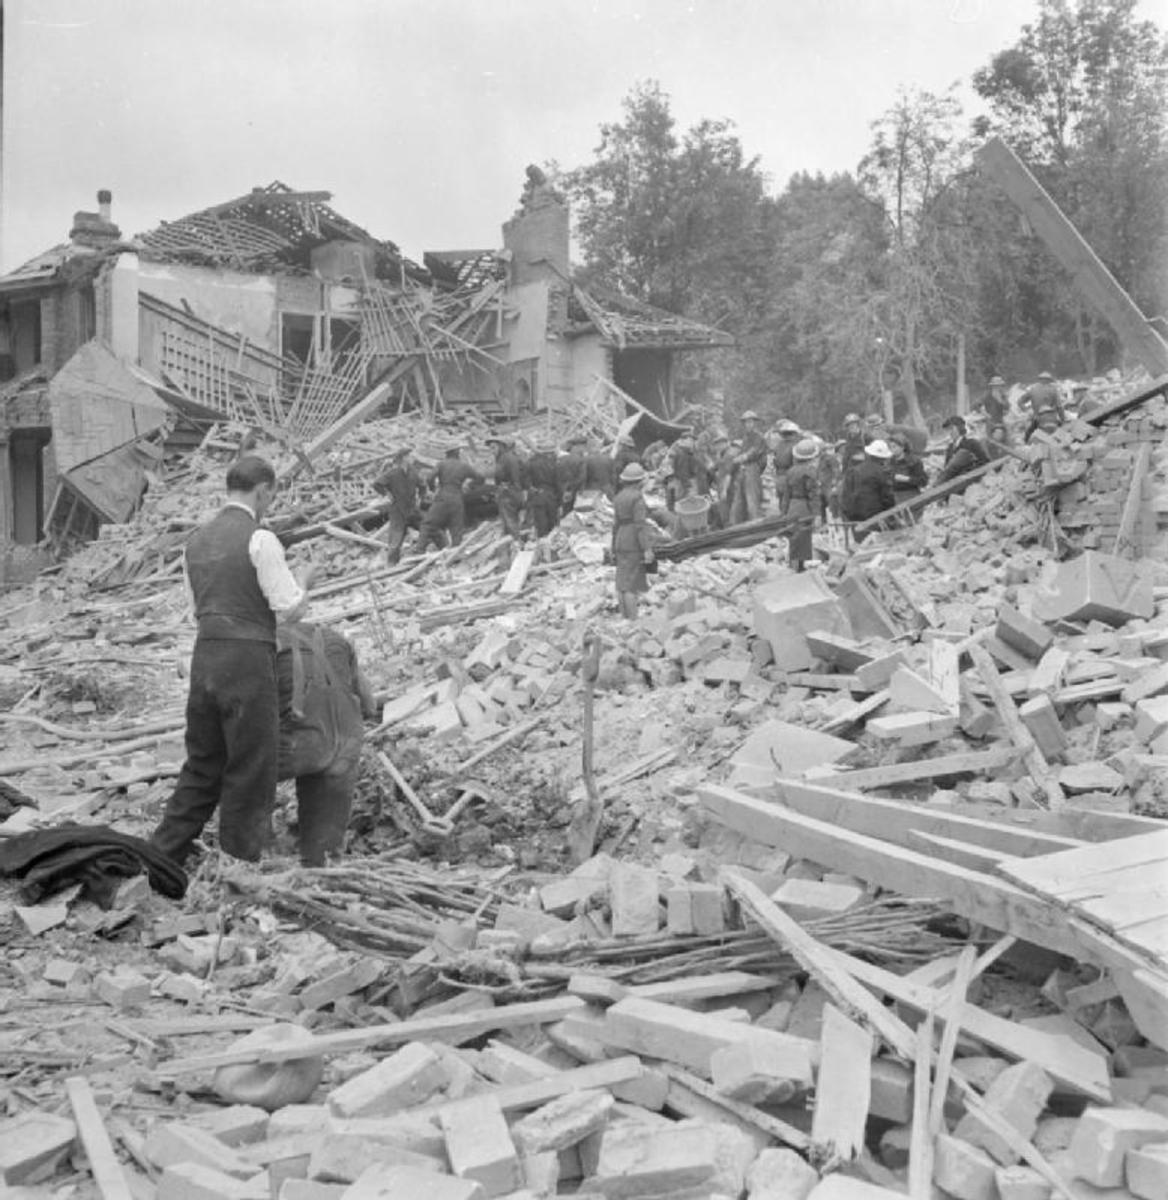 Flying Bomb- V1 Bomb Damage in London, England, UK, 1944